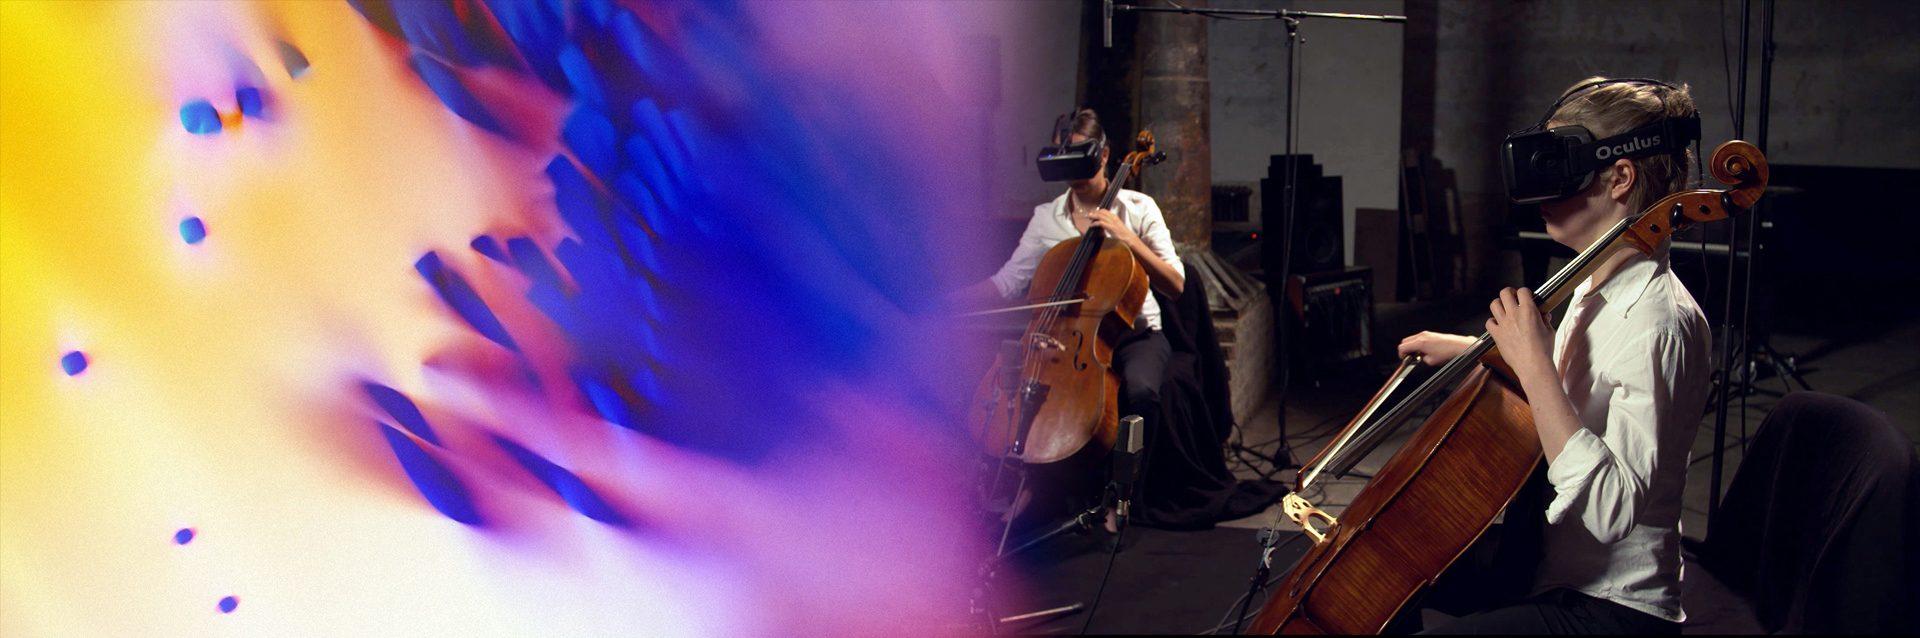 Dettaglio di Collide, l'installazione artistica di Onformative, e i due violoncellisti mentre registrano la colonna sonora.